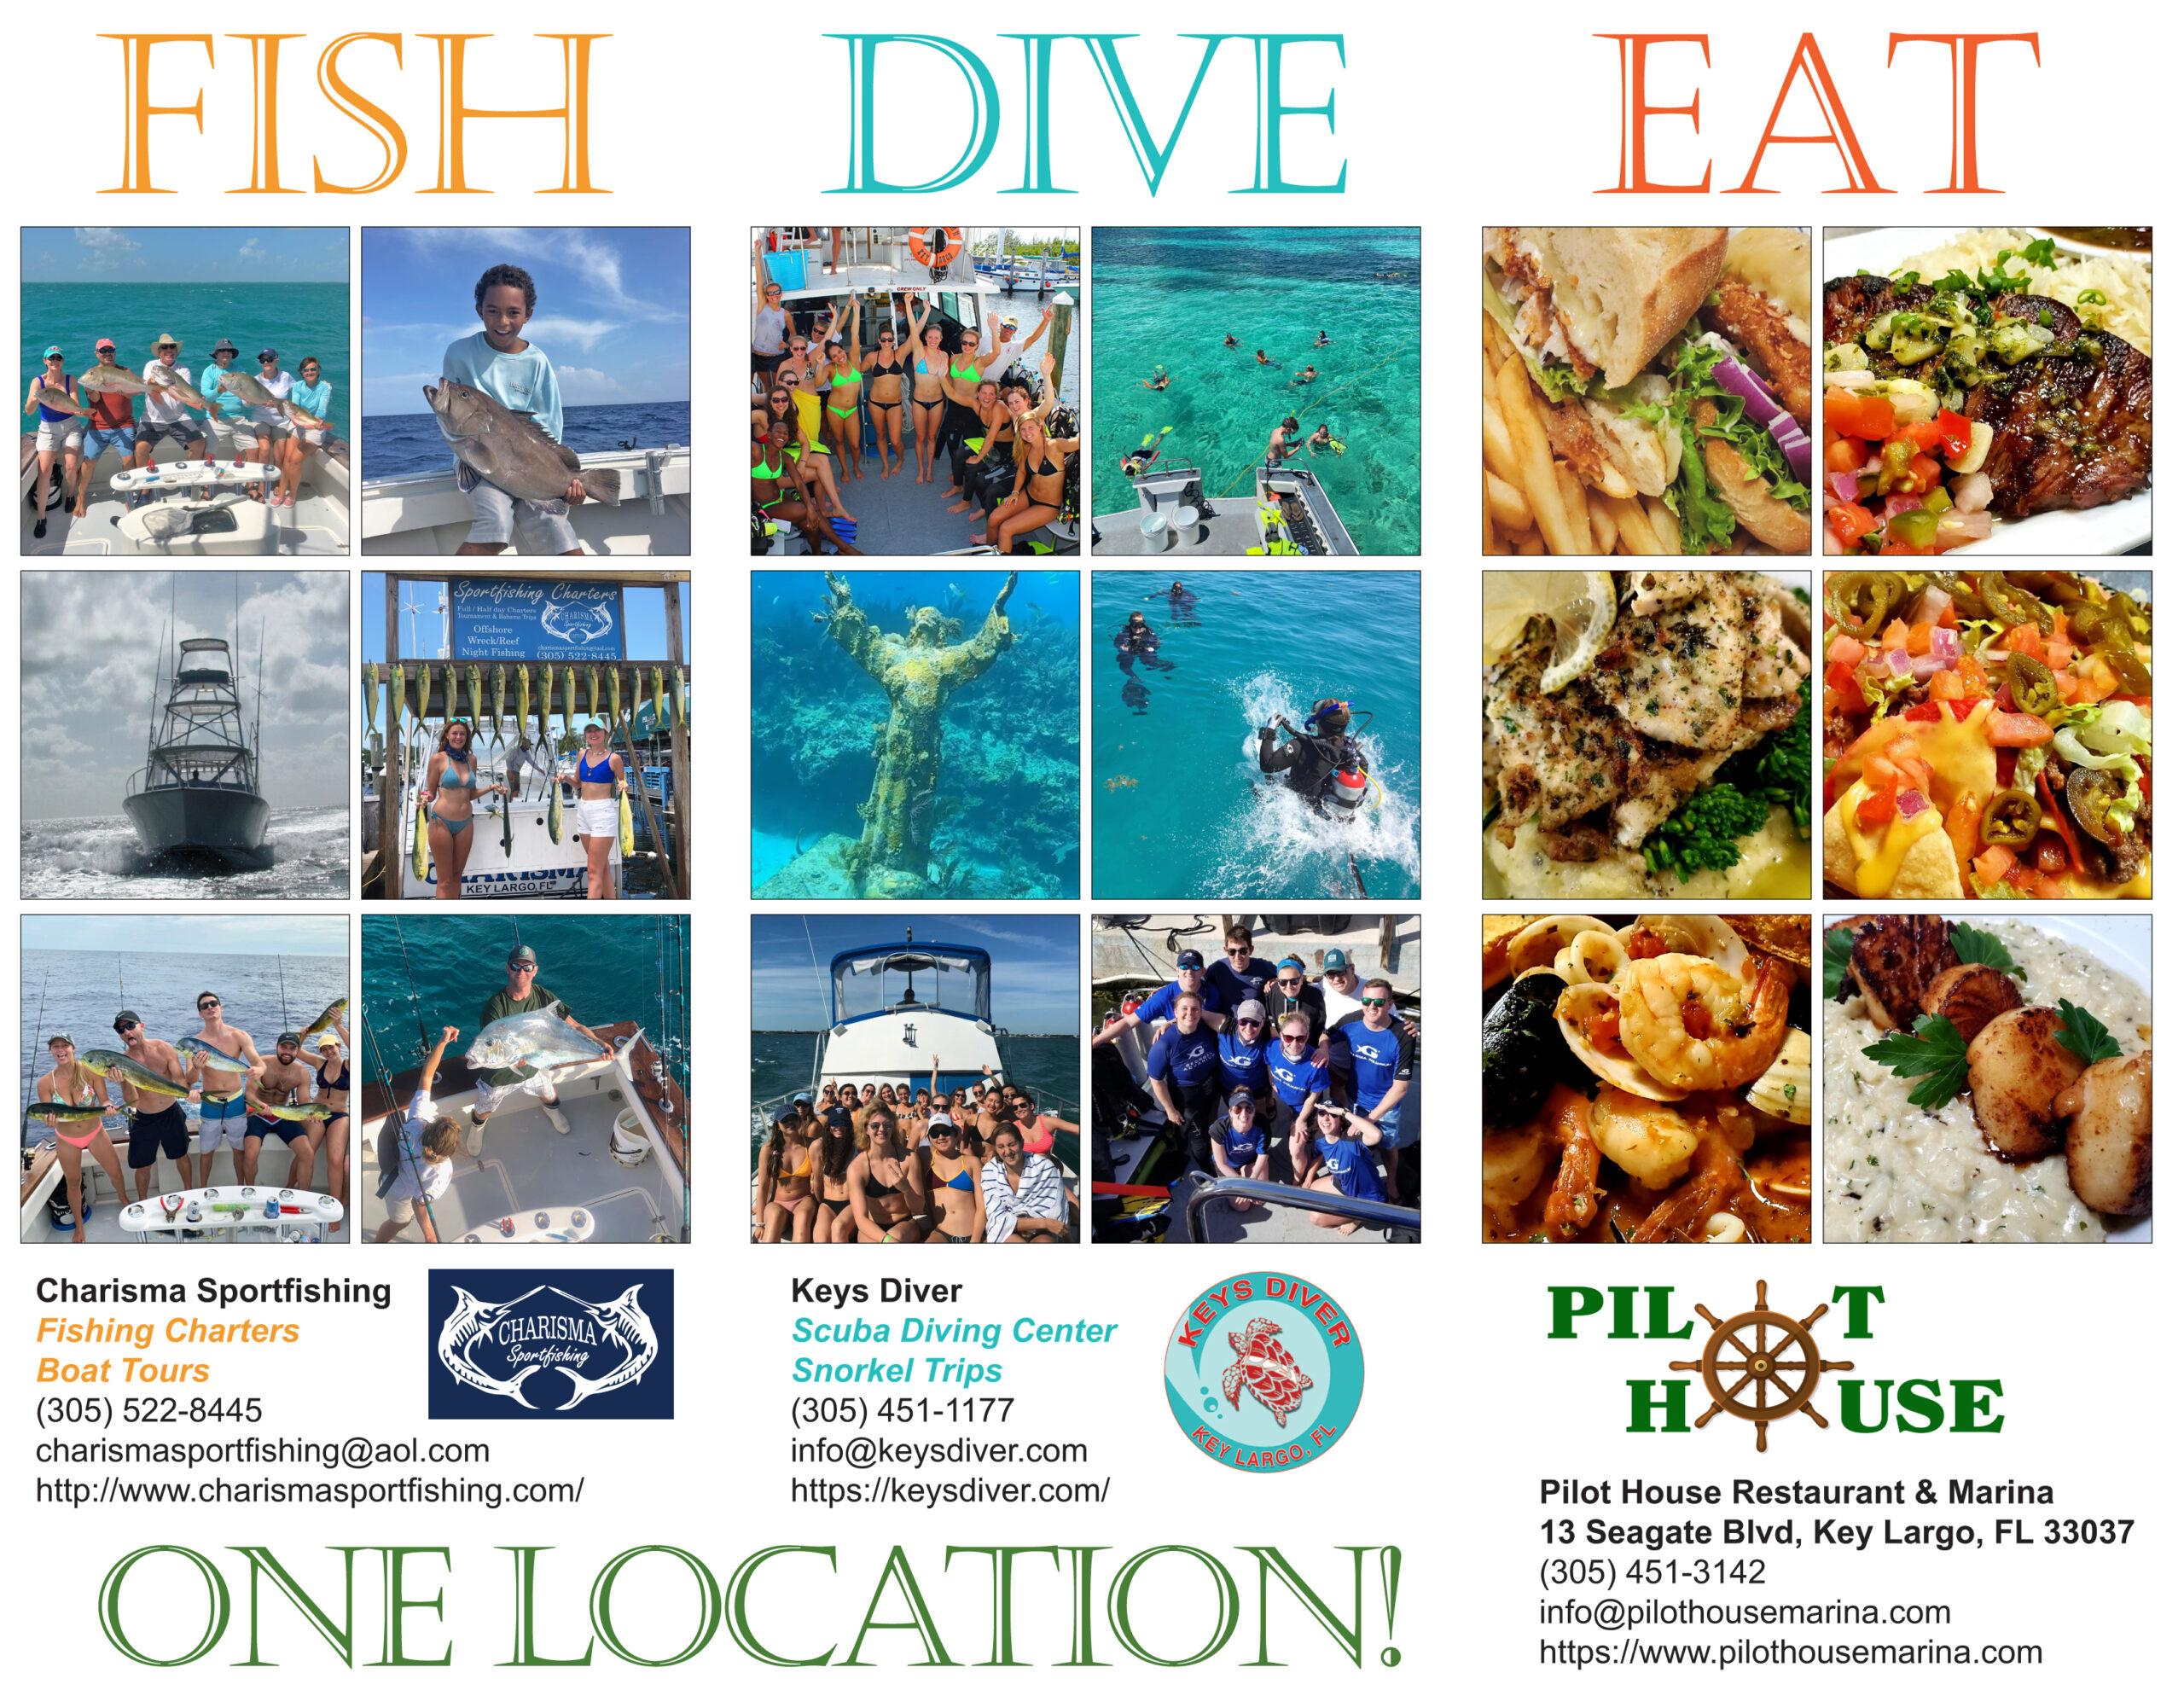 Fish-Dive-Eat